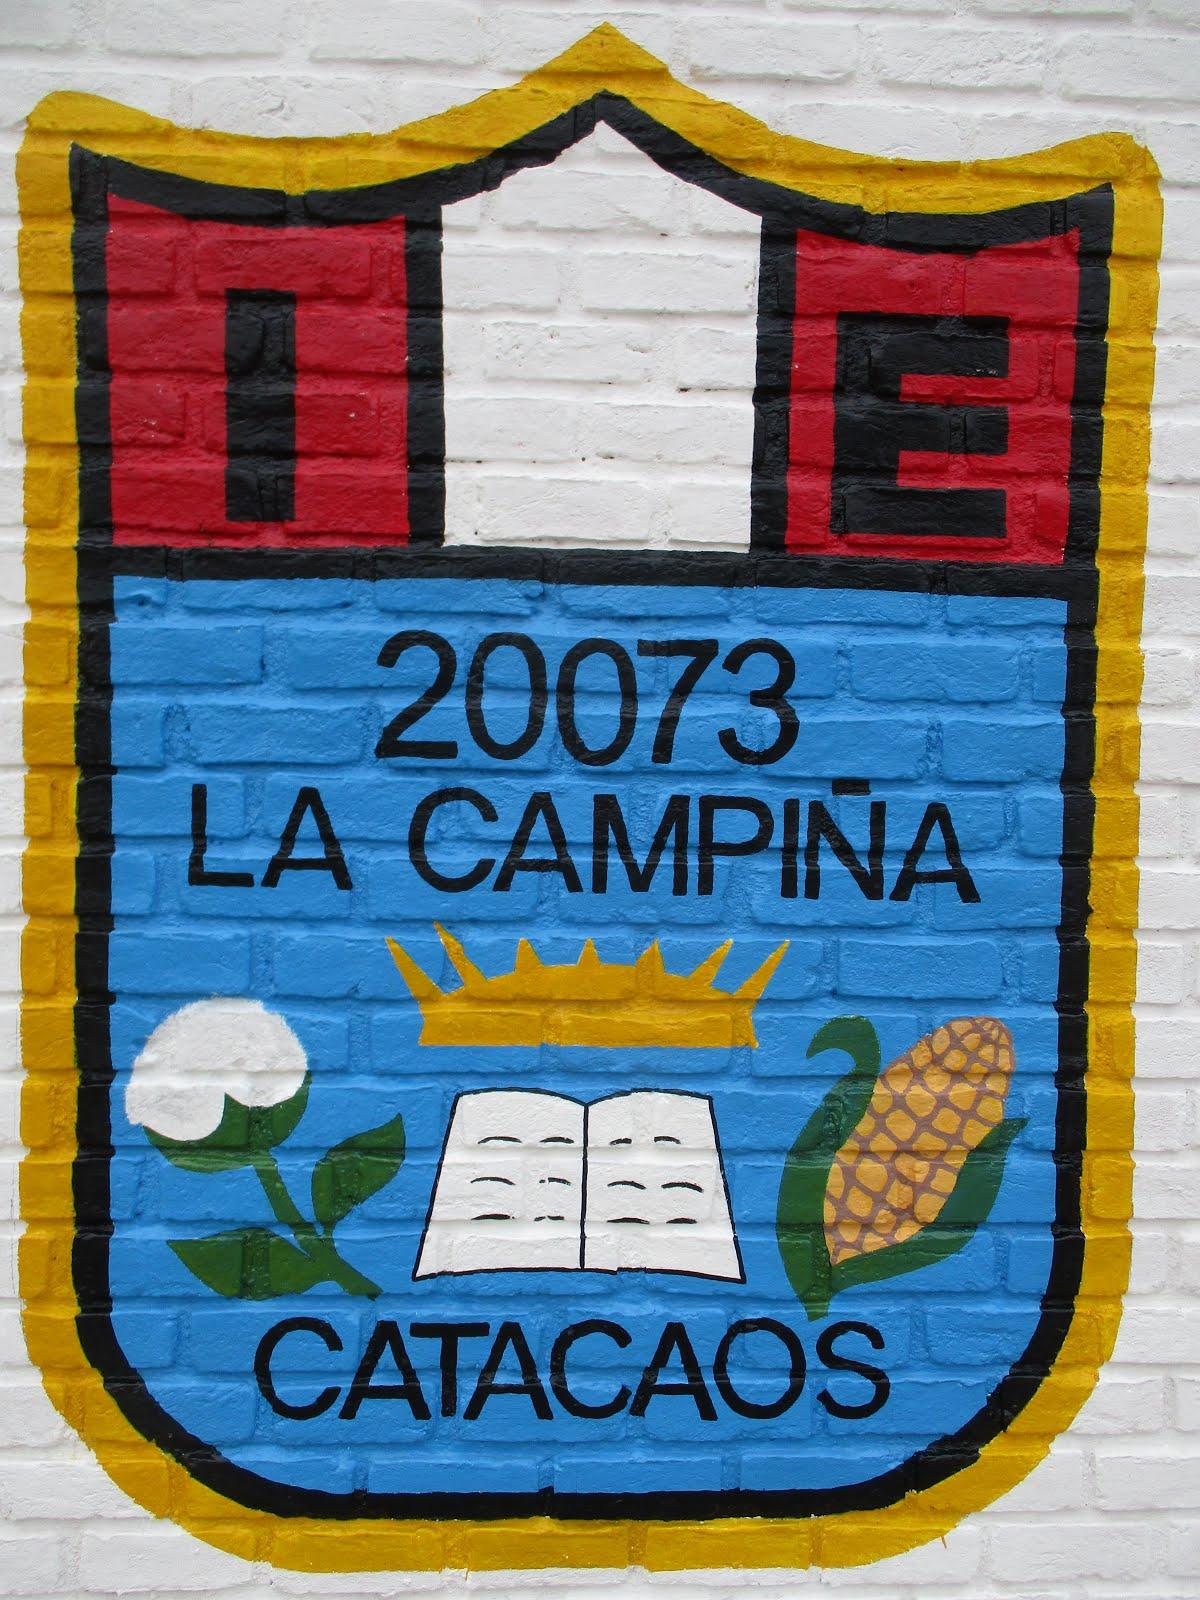 INSTITUCIÓN EDUCATIVA Nº 20073 DE LA CAMPIÑA, CATACAOS